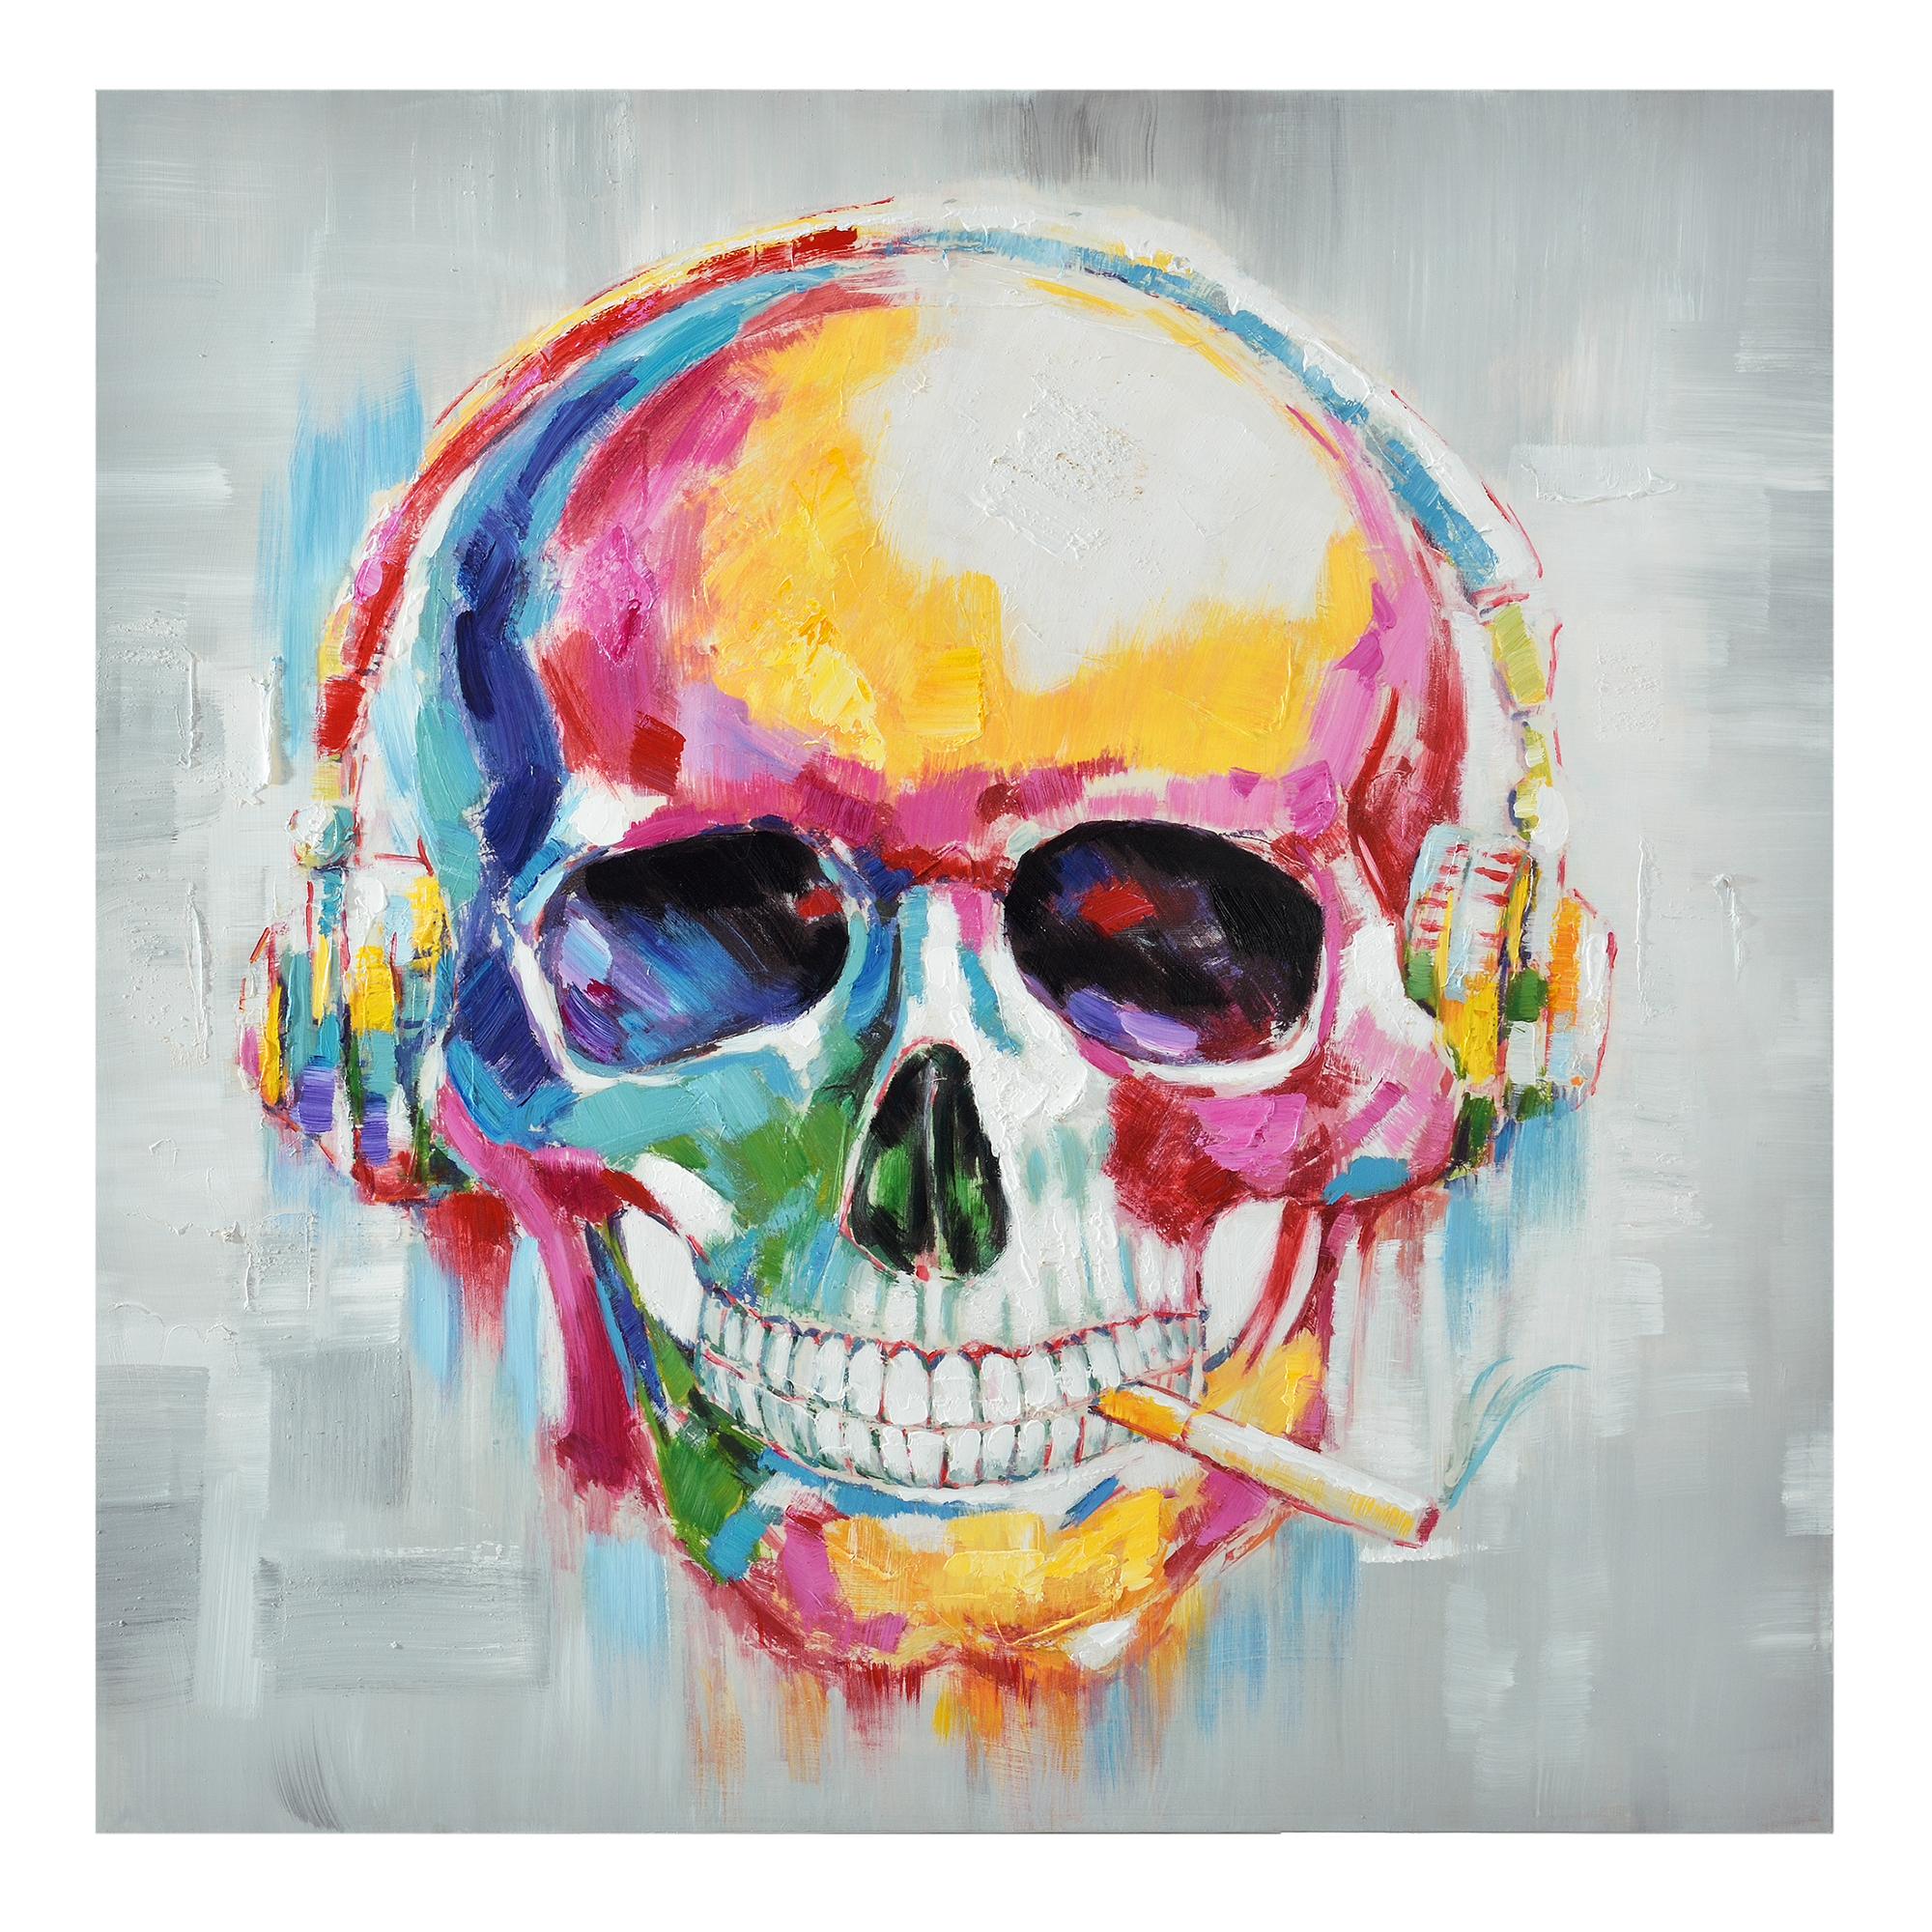 Wandbild 100x100cm totenkopf handgemalt leinwand gerahmt acryl deko ebay - Totenkopf wandbild ...